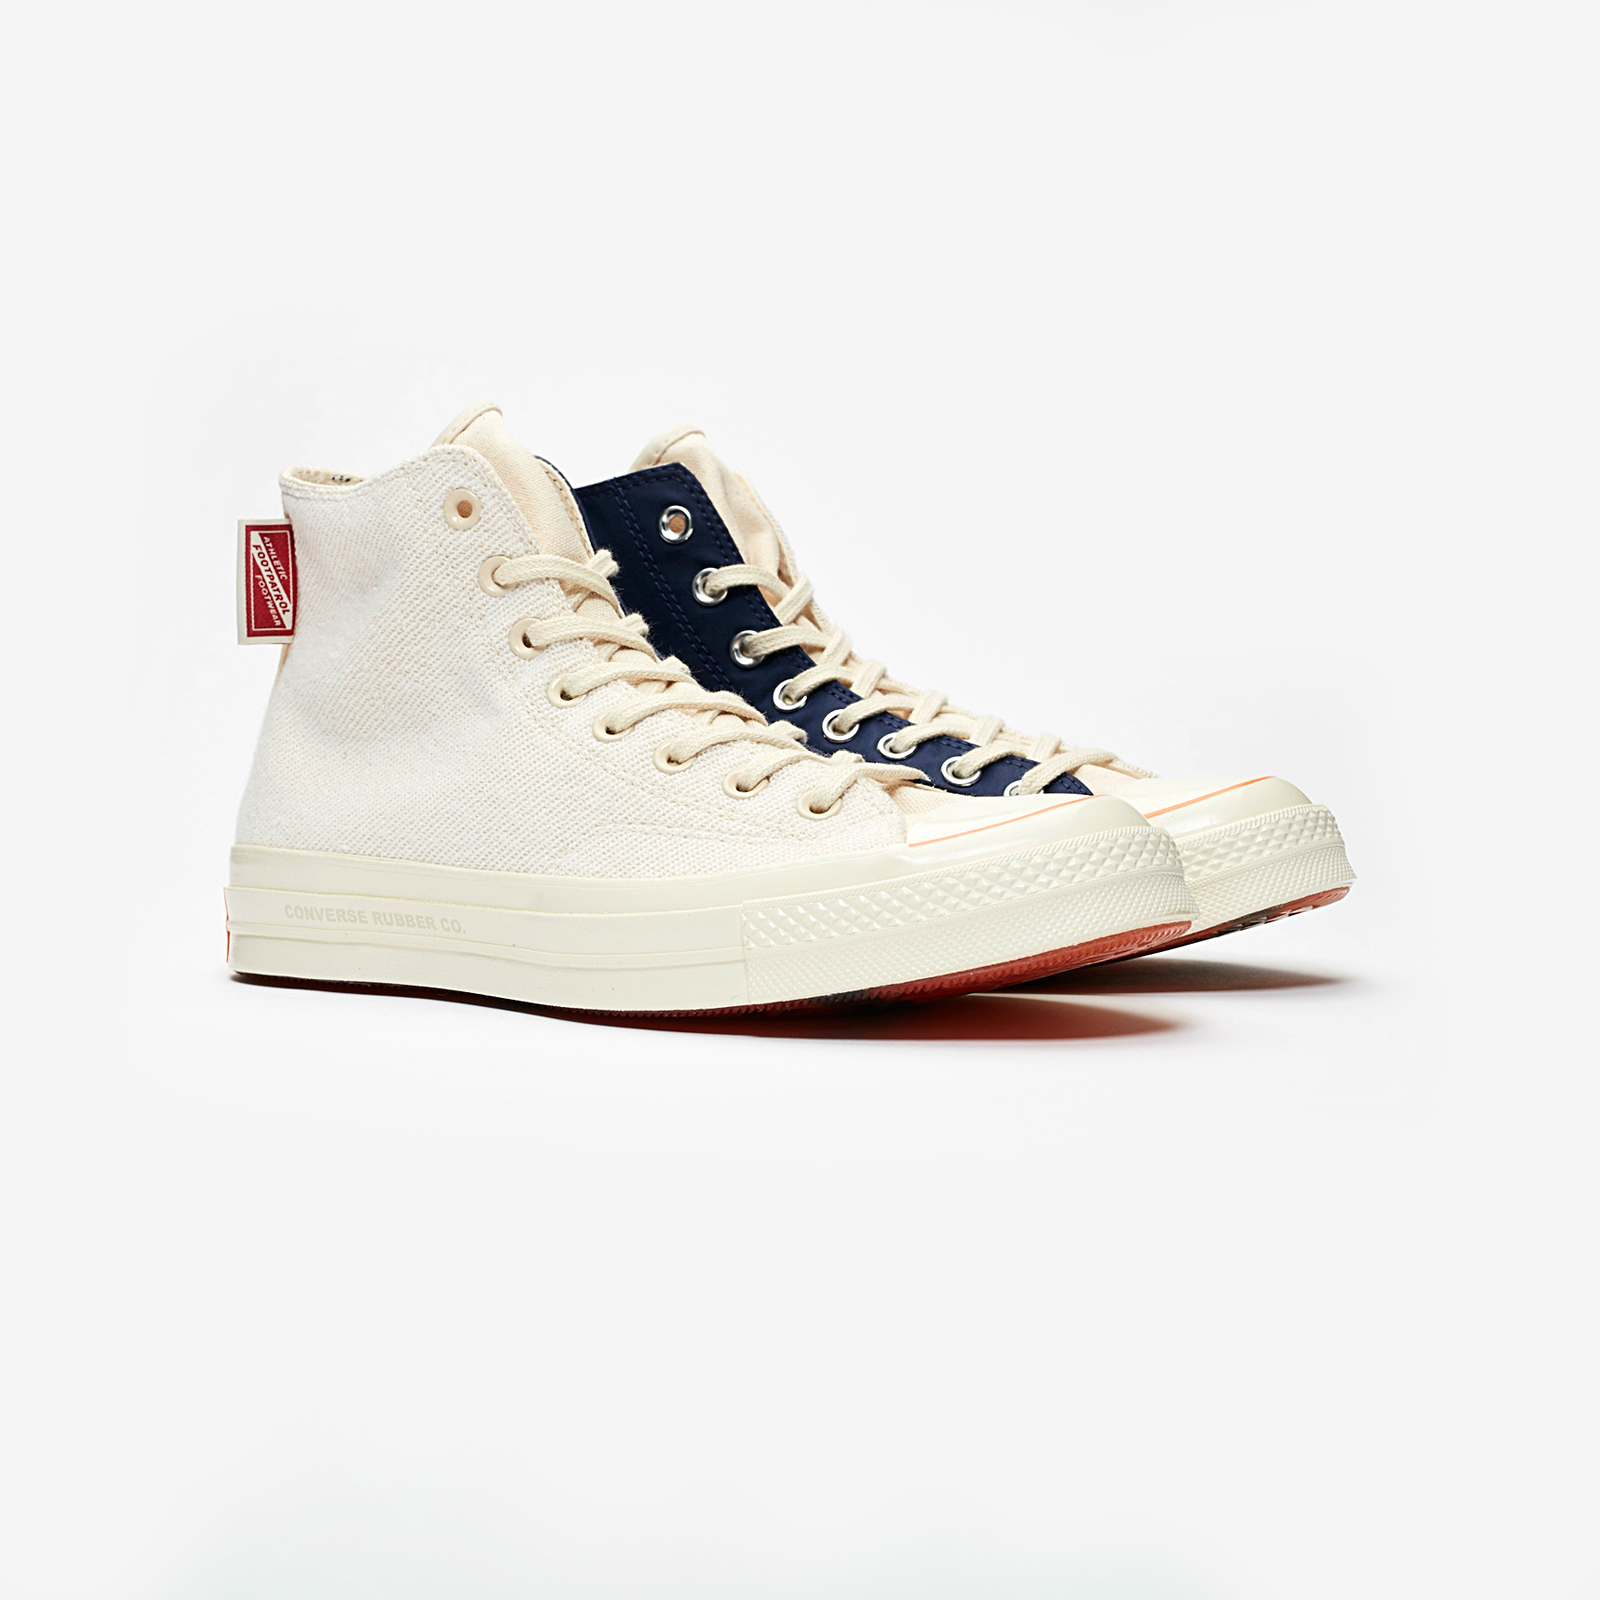 Sneaker von Converse & Co.